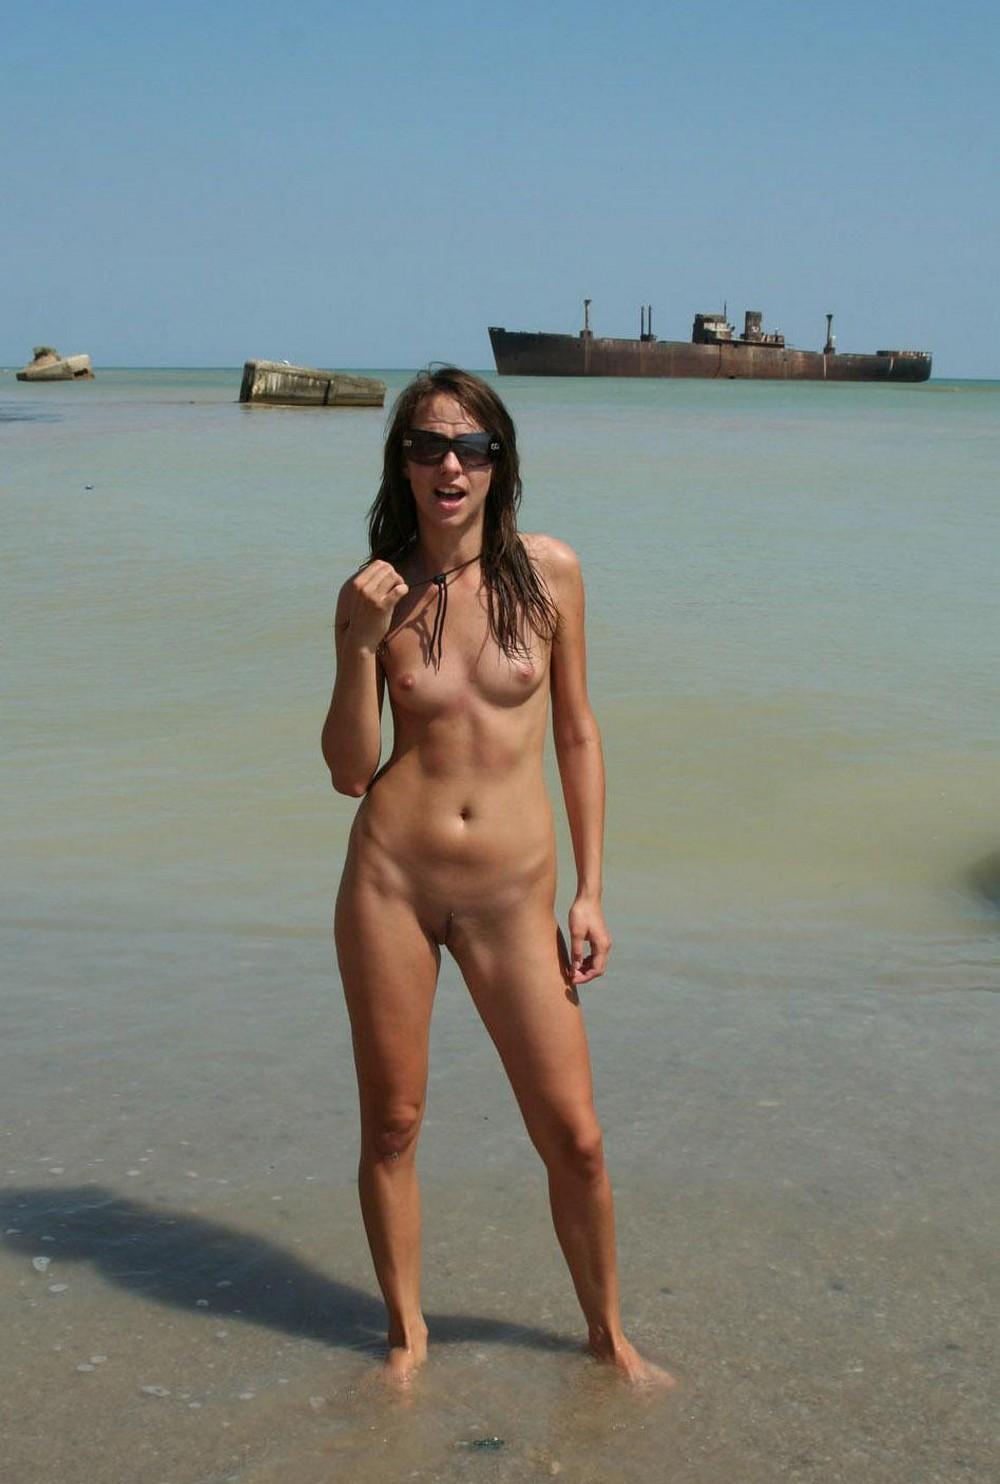 Фото крупным планом с нудиского пляжа 5 фотография